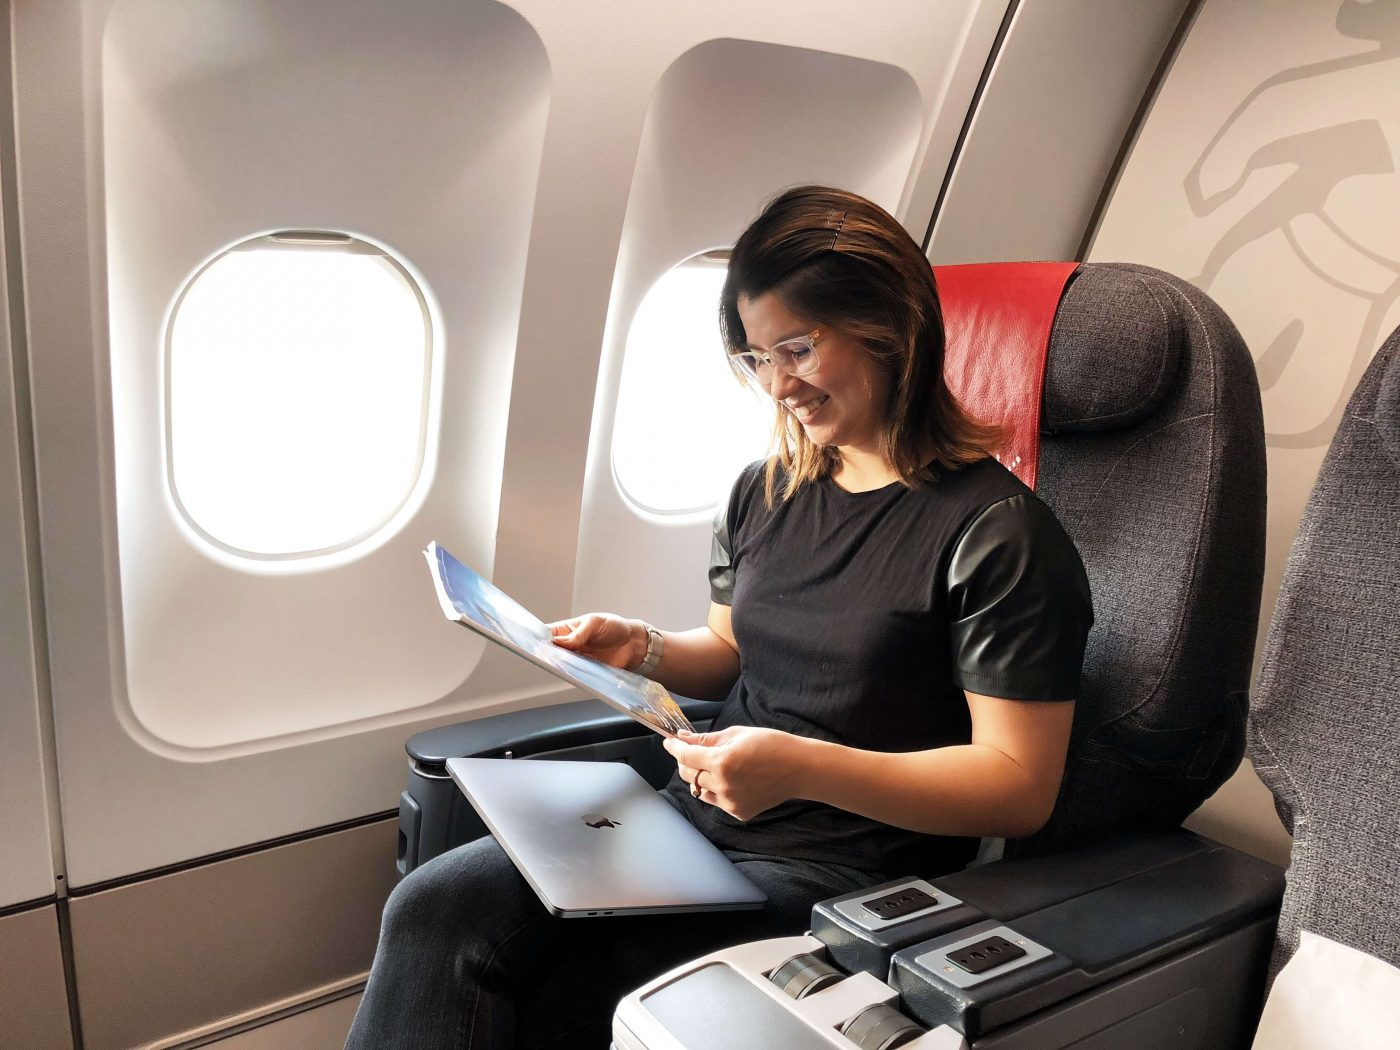 Air Greenland passenger